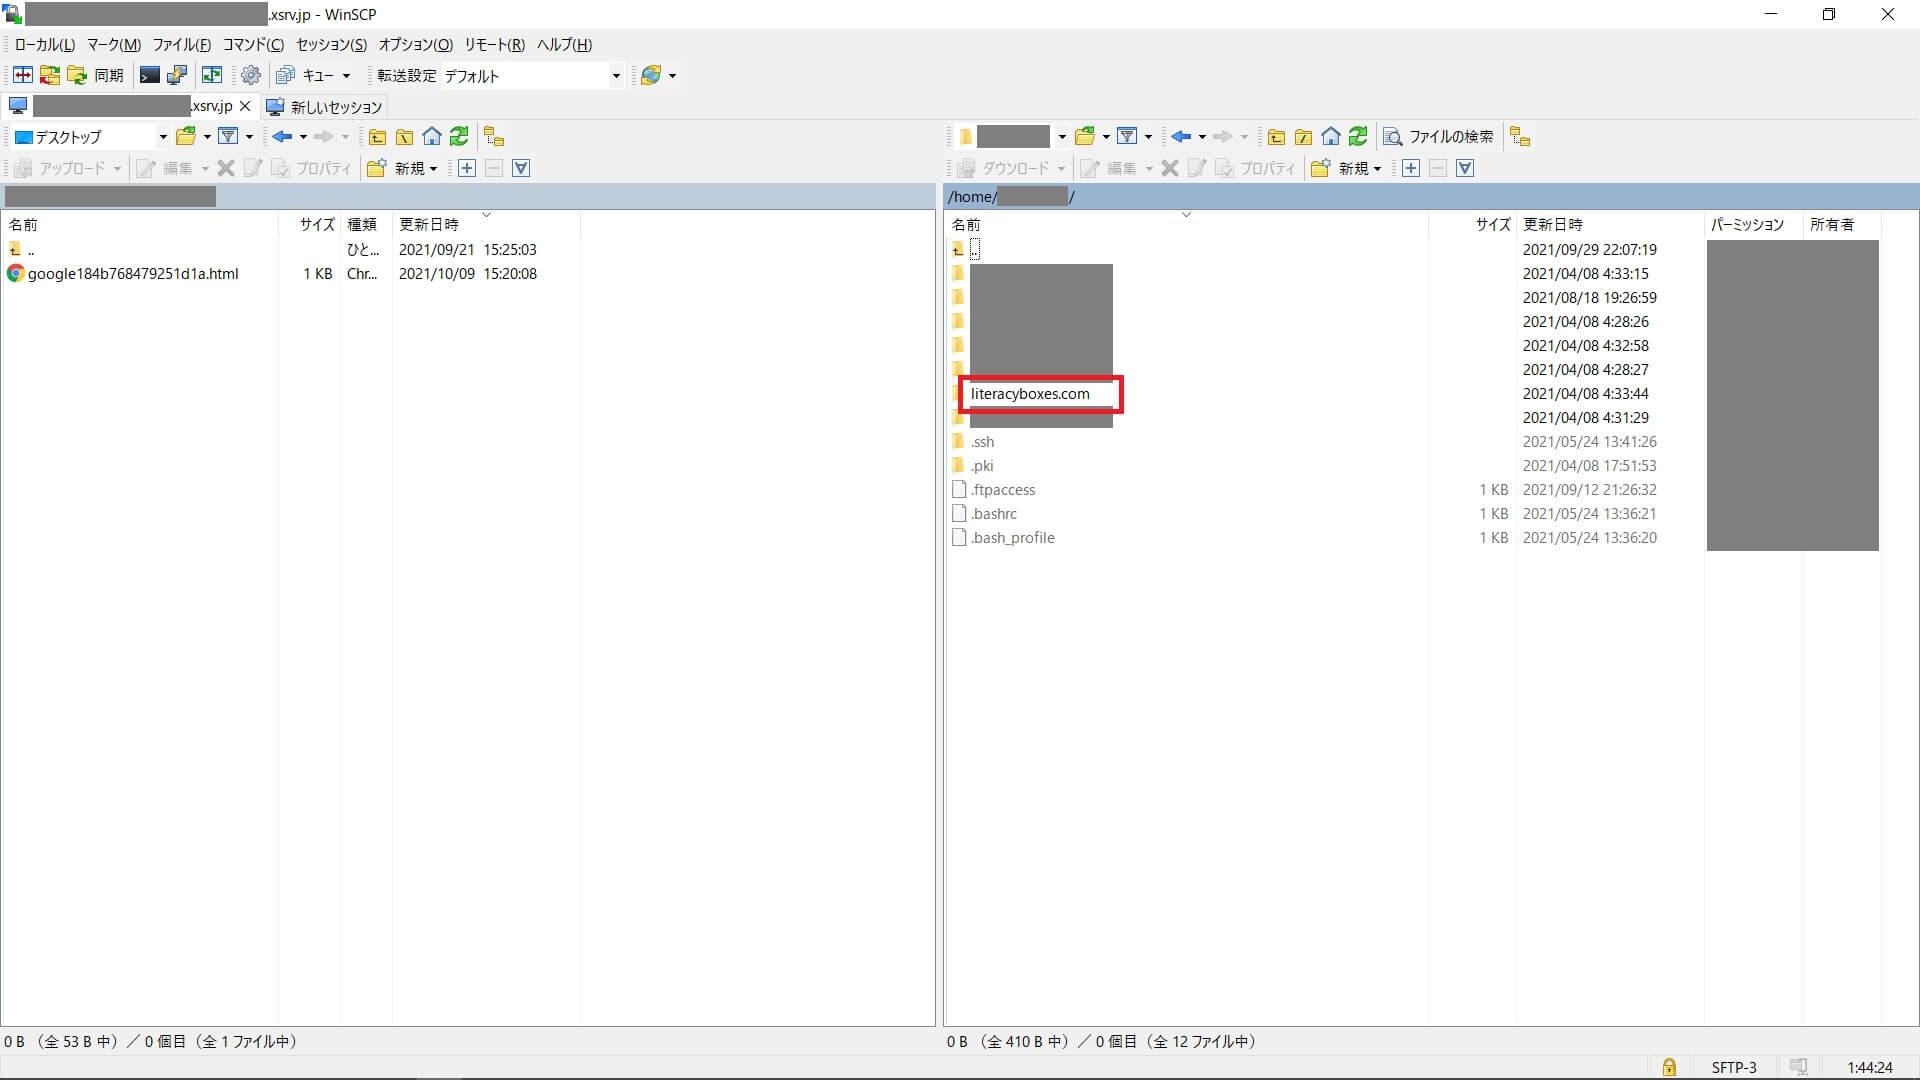 サーチコンソール-HTMLファイルアップロード-FTP接続対象ドメインのディレクトリへ入る